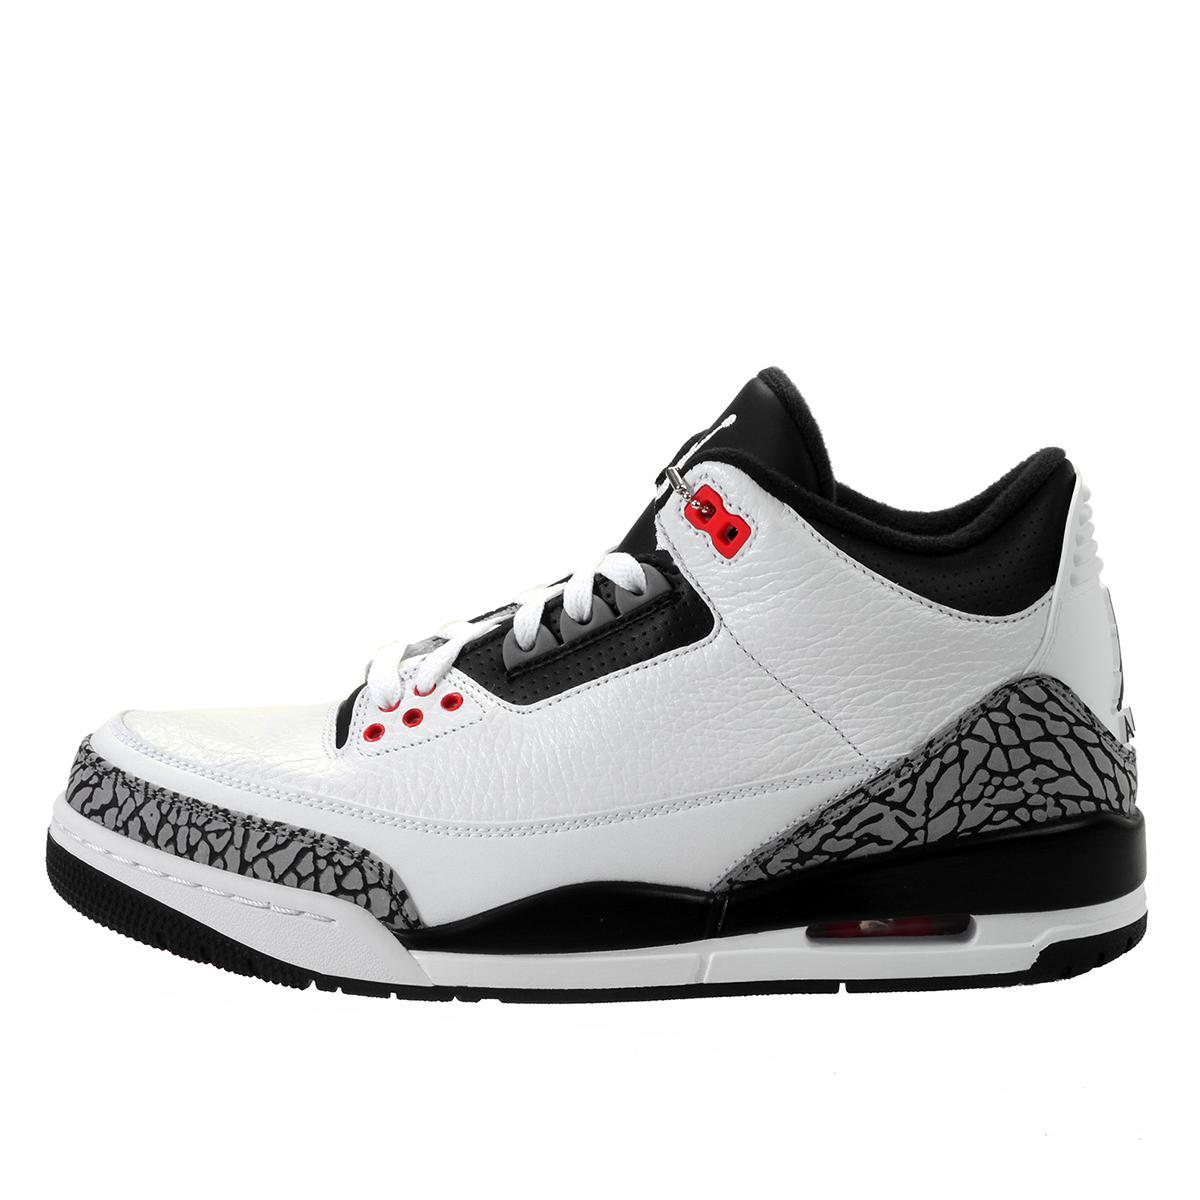 Air Jordan Nike AJ 3 III Retro Infrared 23